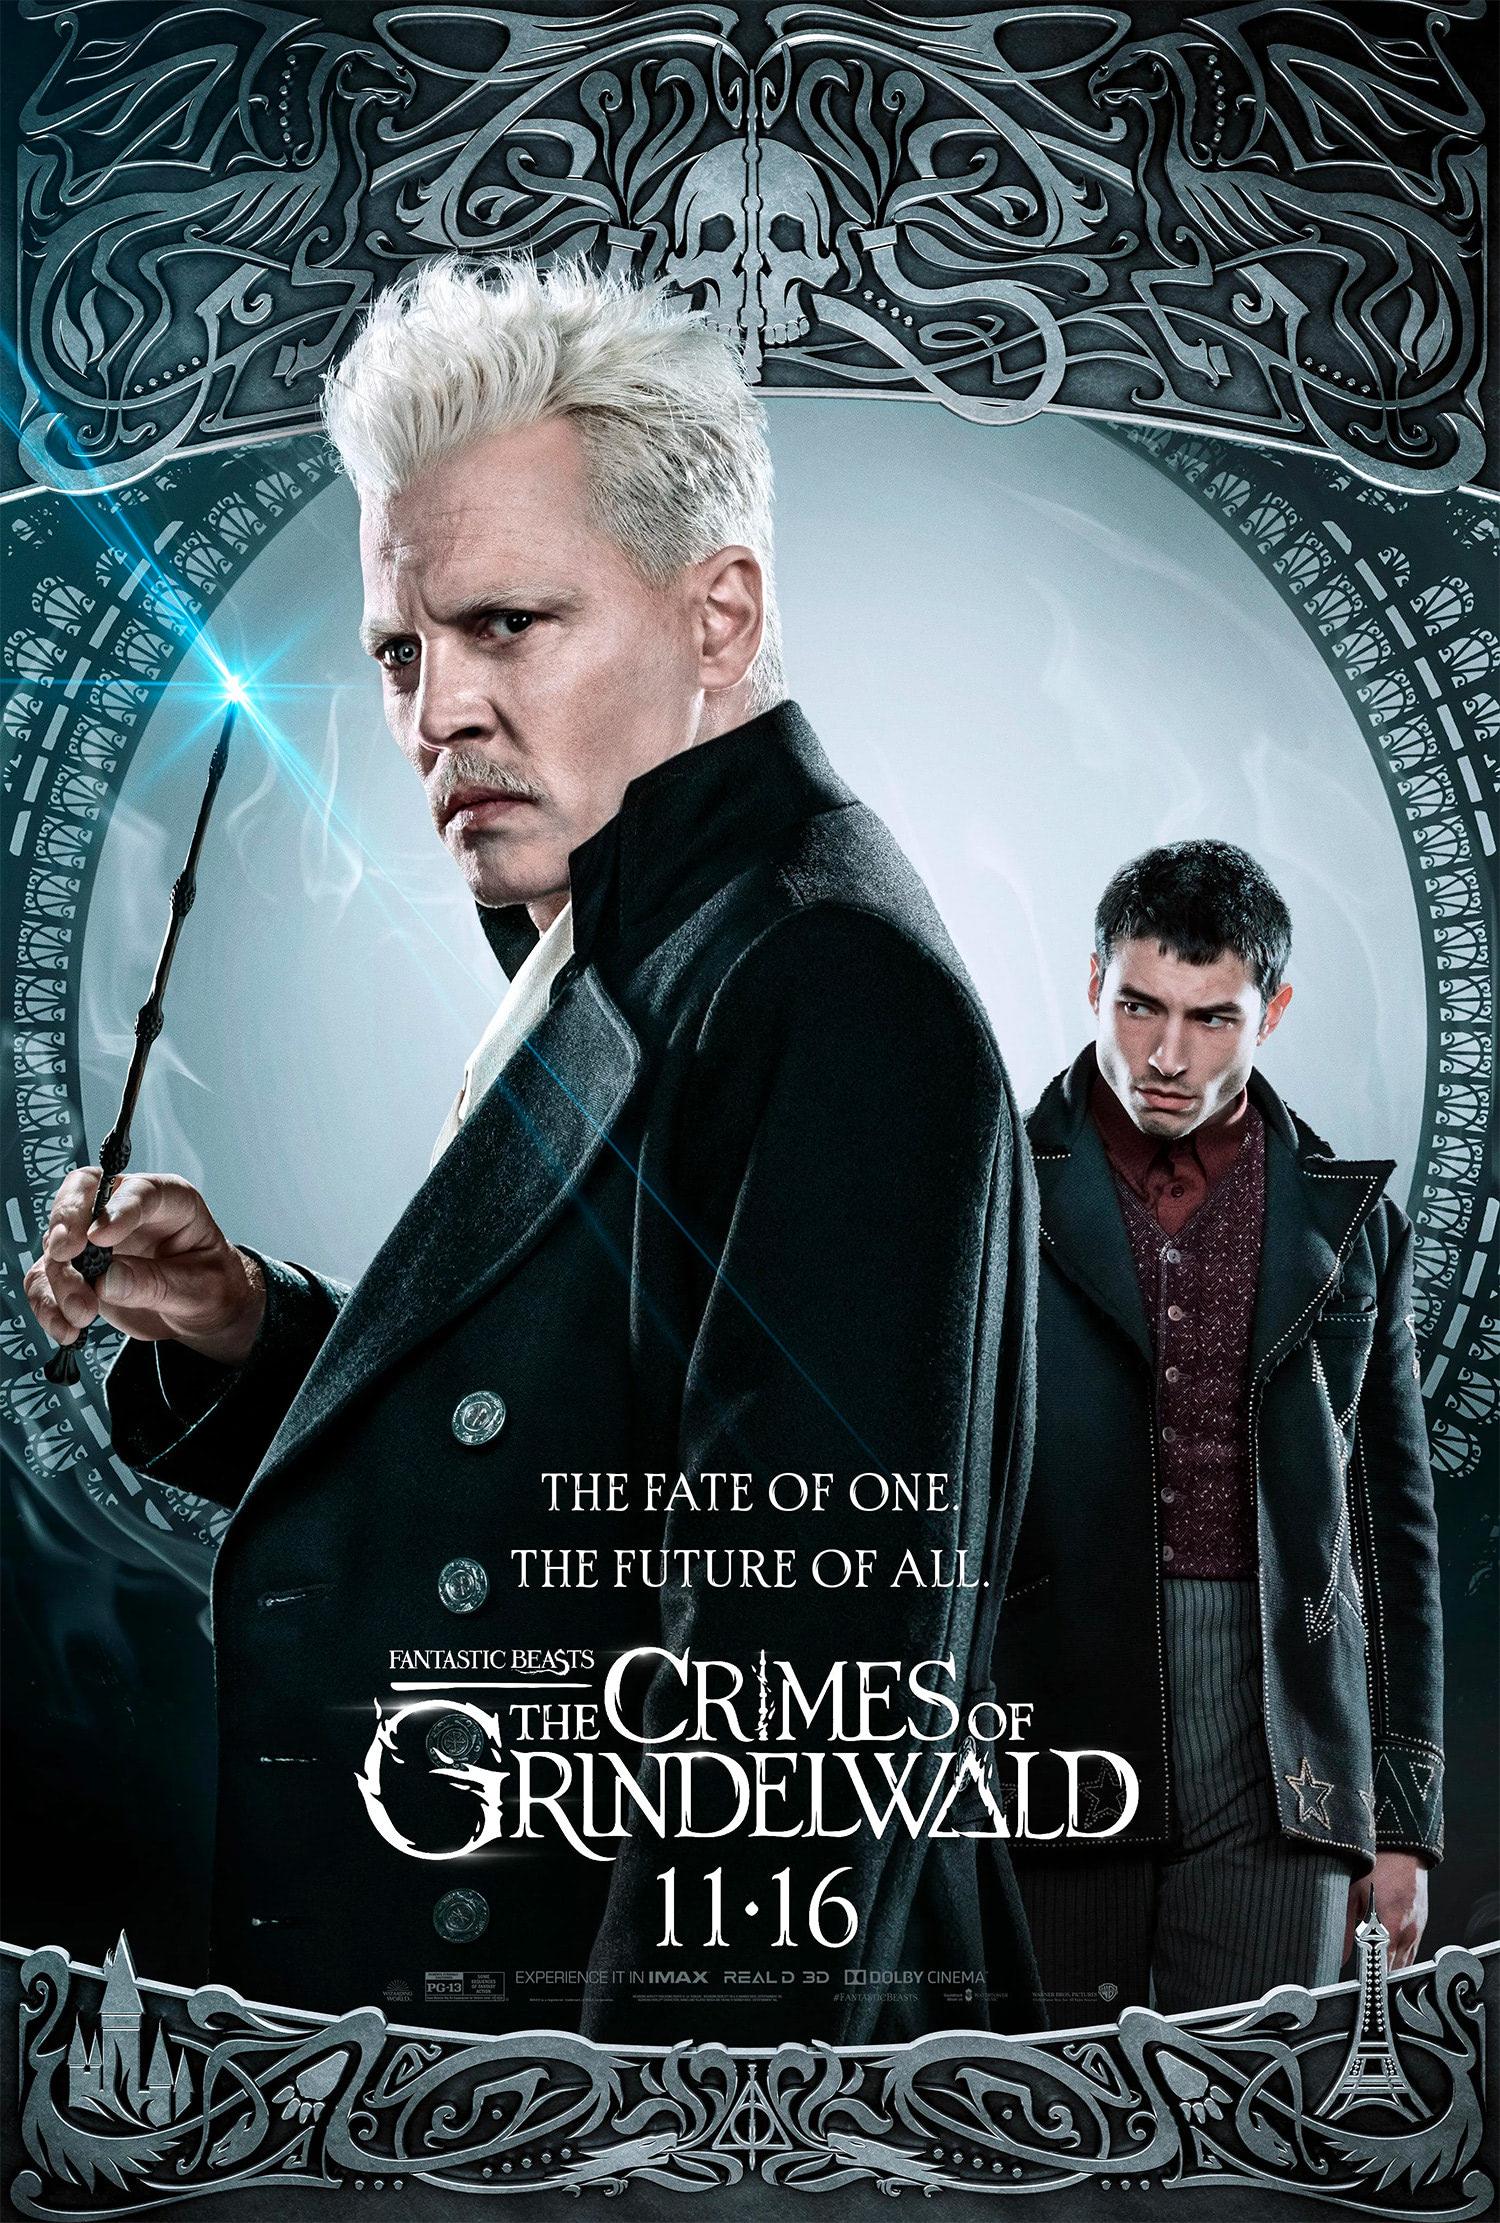 'Crimes of Grindelwald' Gellert Grindelwald poster #2